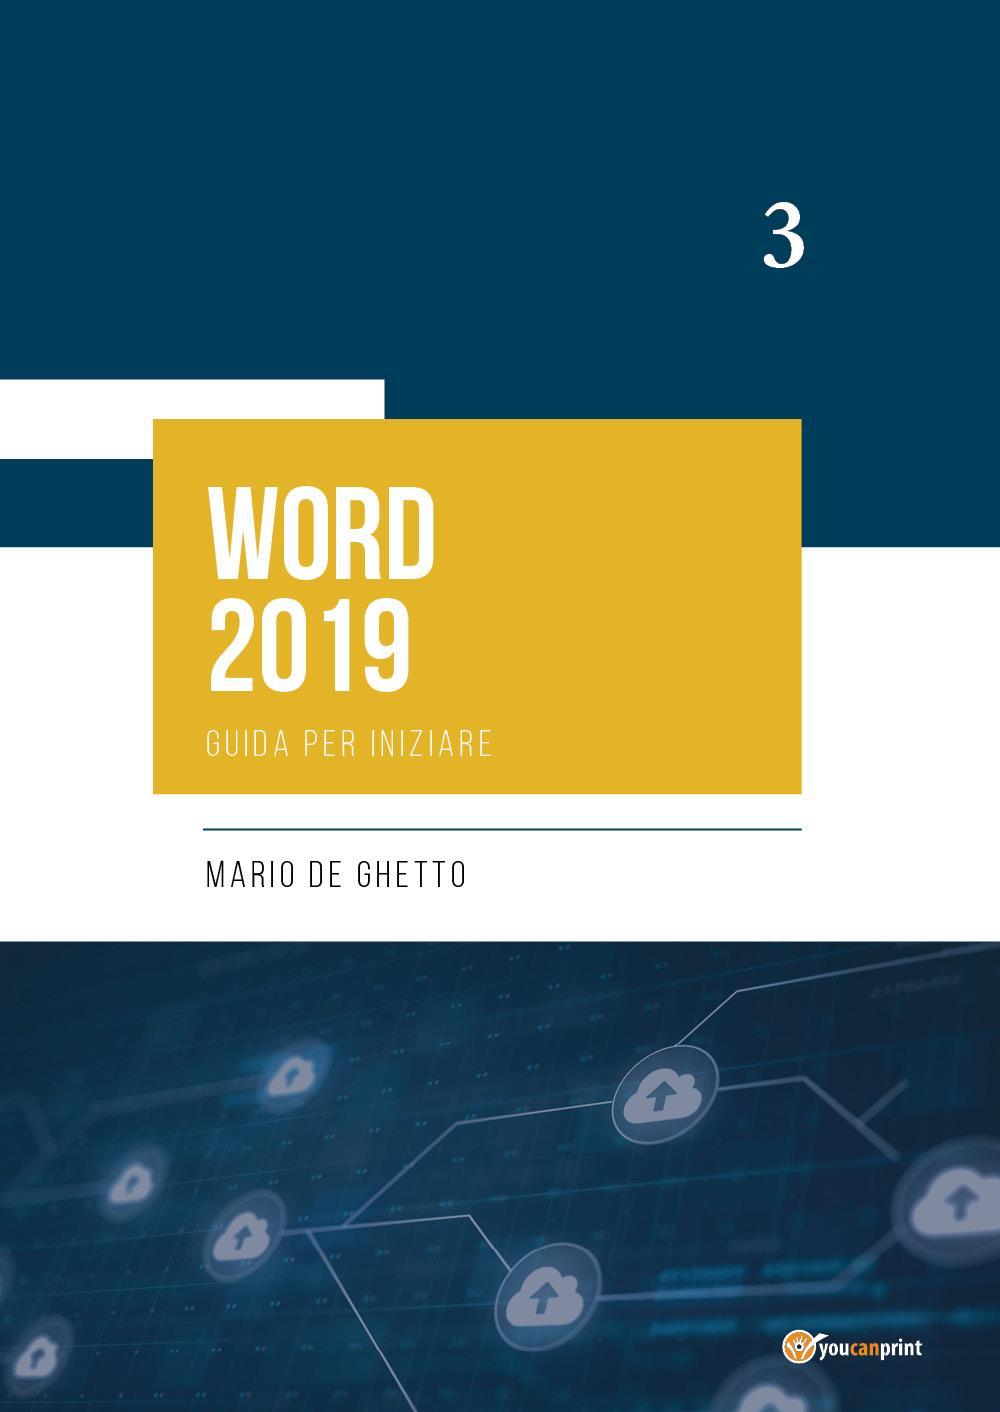 WORD 2019 - Guida per iniziare